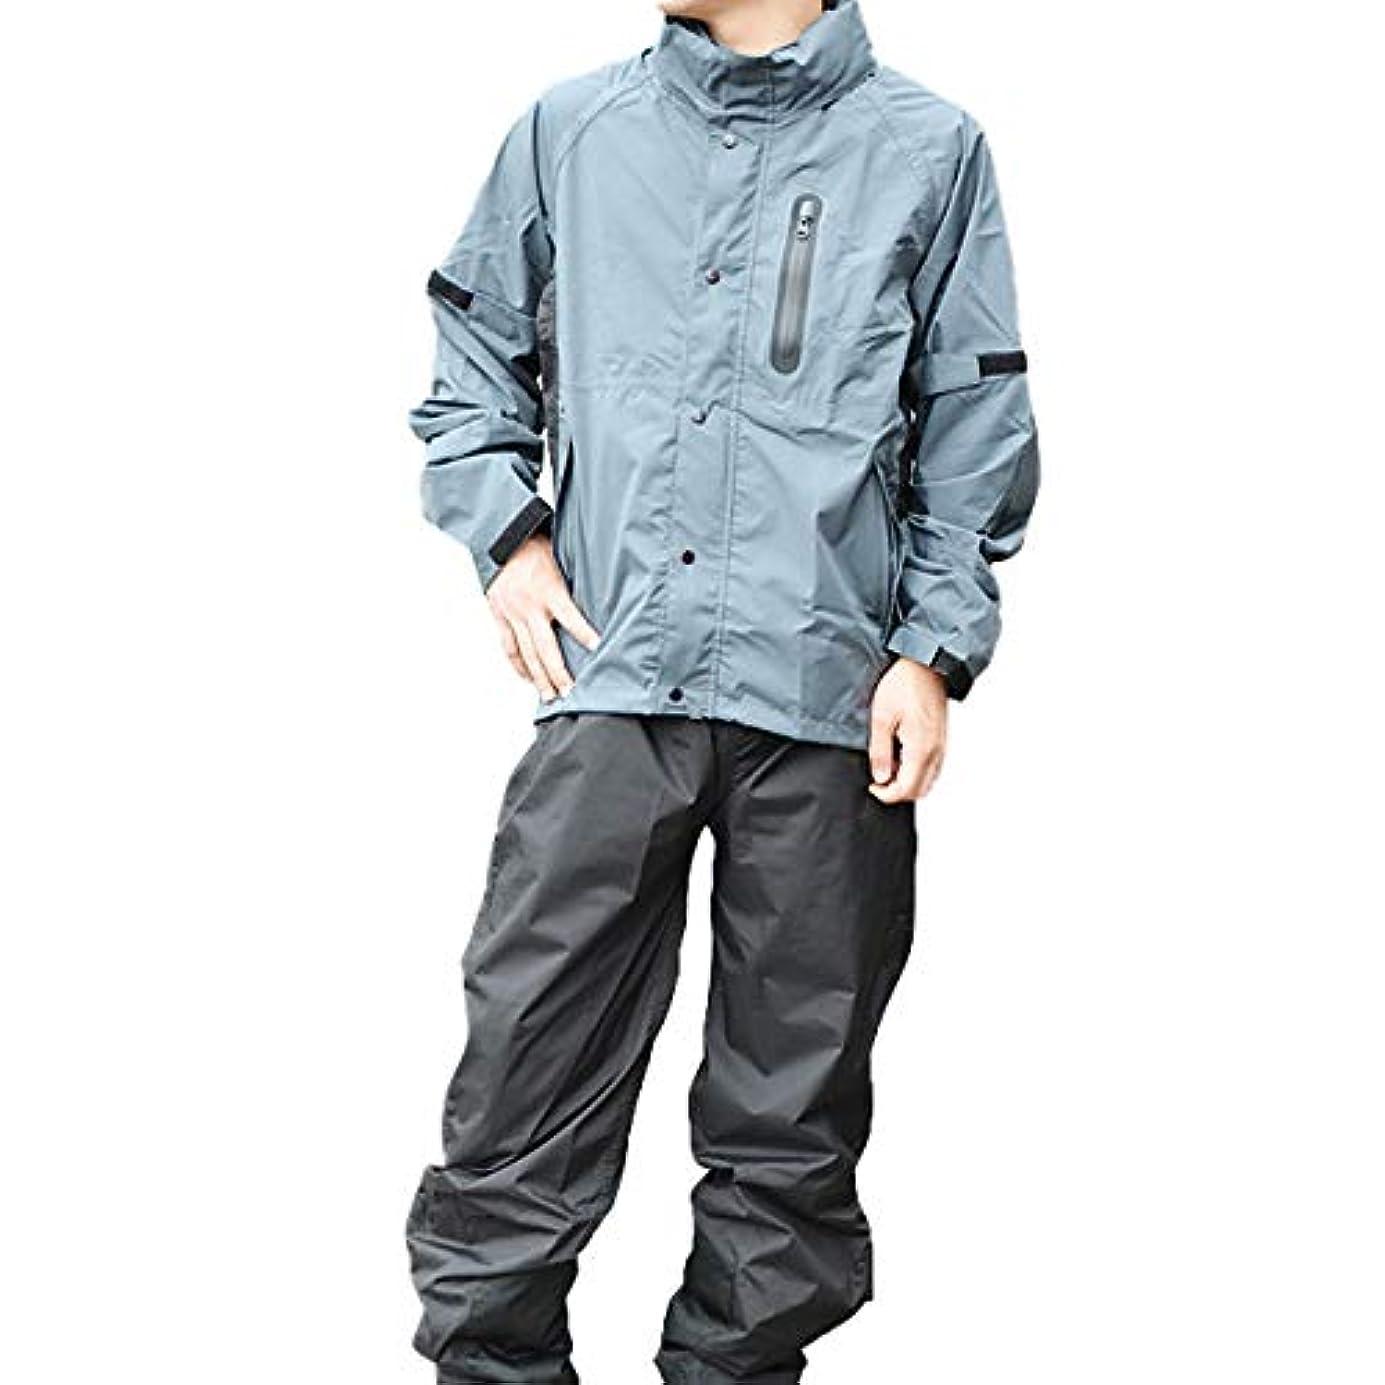 寄付する移行するスチールバイク レインウェア レインスーツ 軽量ストレッチ 着やすい 雨具 カッパ WIDE SOURCE(ワイドソース) HR-001 (GRAY, M)